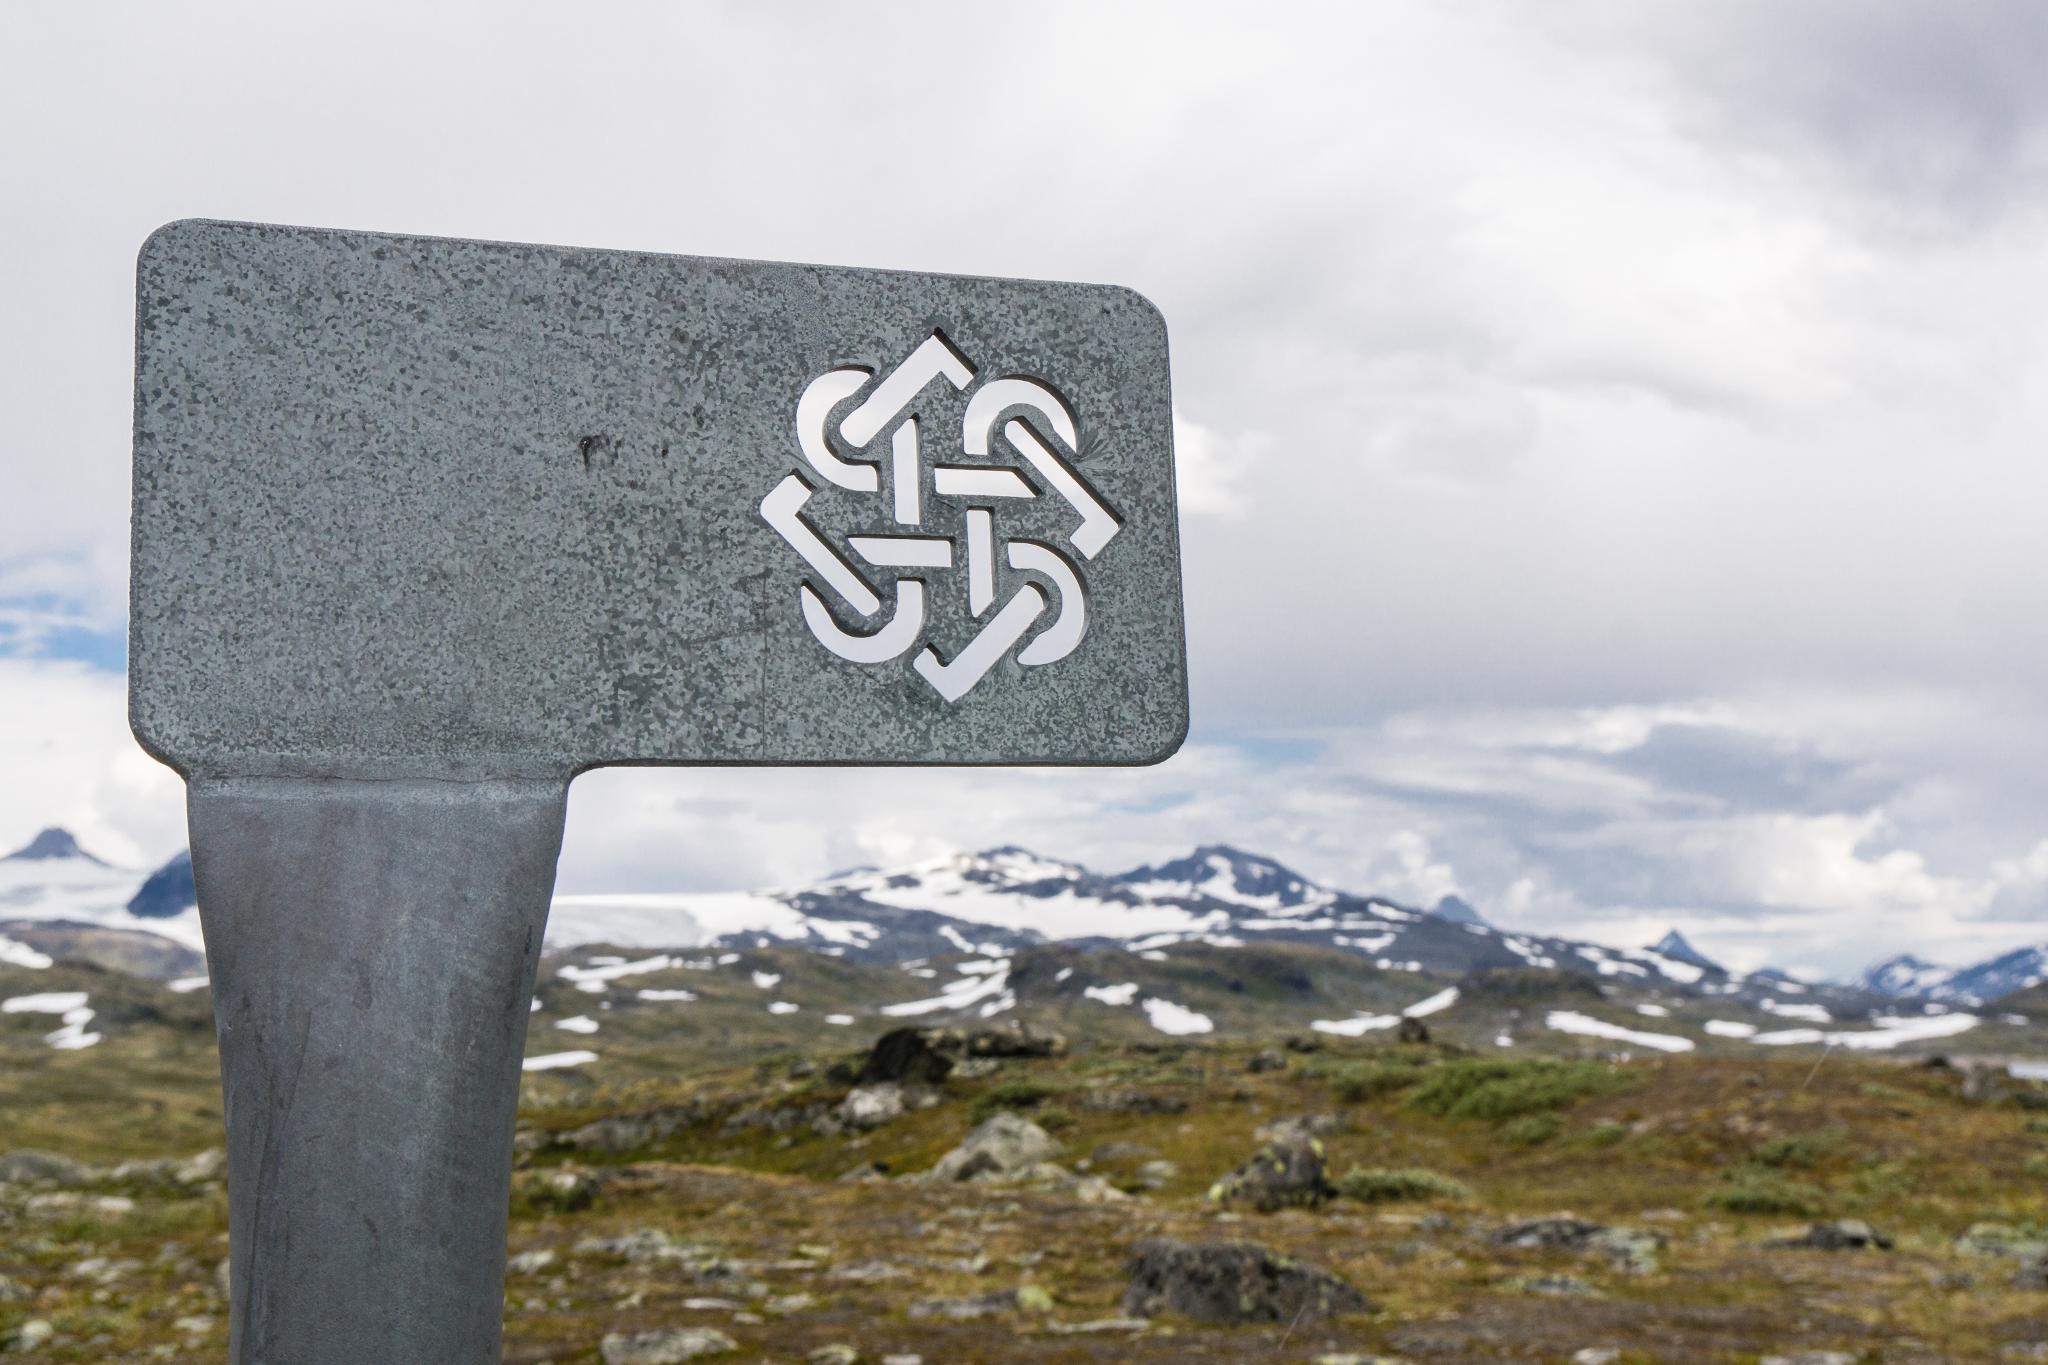 2018 挪威瑞典自駕露營 行程規劃總攻略 8